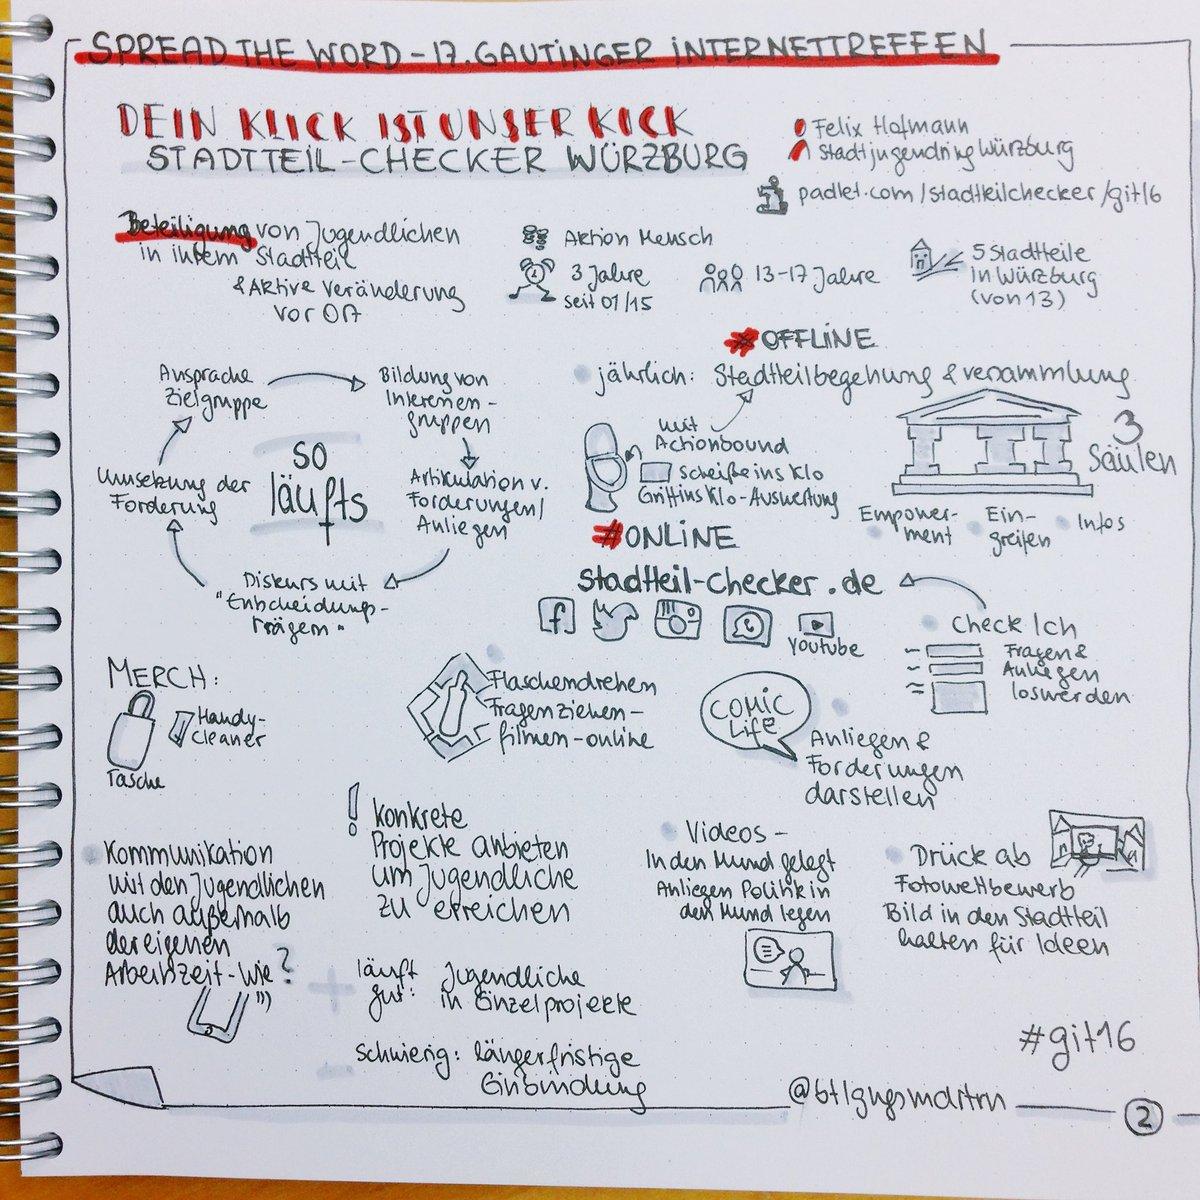 Spannendes Projekt @Stadtteilcheck in #Würzburg #git16 #sketchnote #beteiligung https://t.co/8jphICO1F3